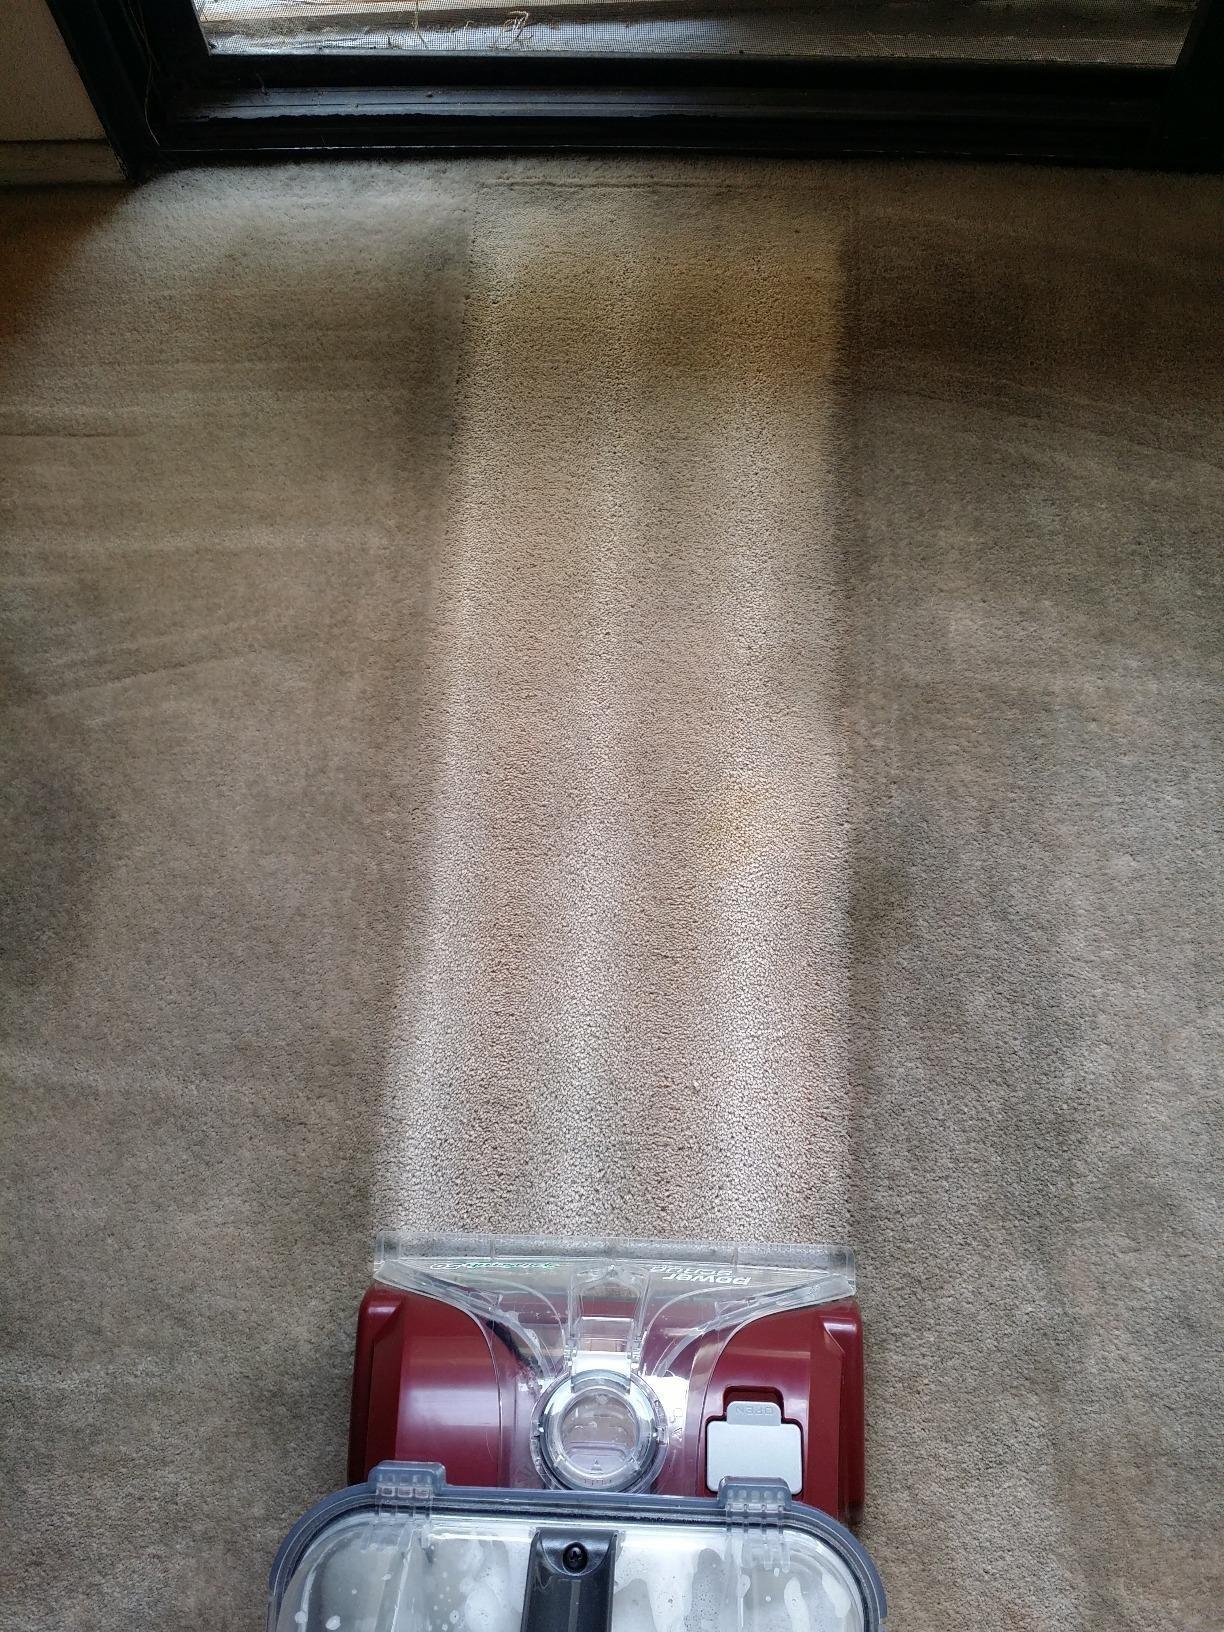 vacuum cleans a light stripe in dark dirty carpet